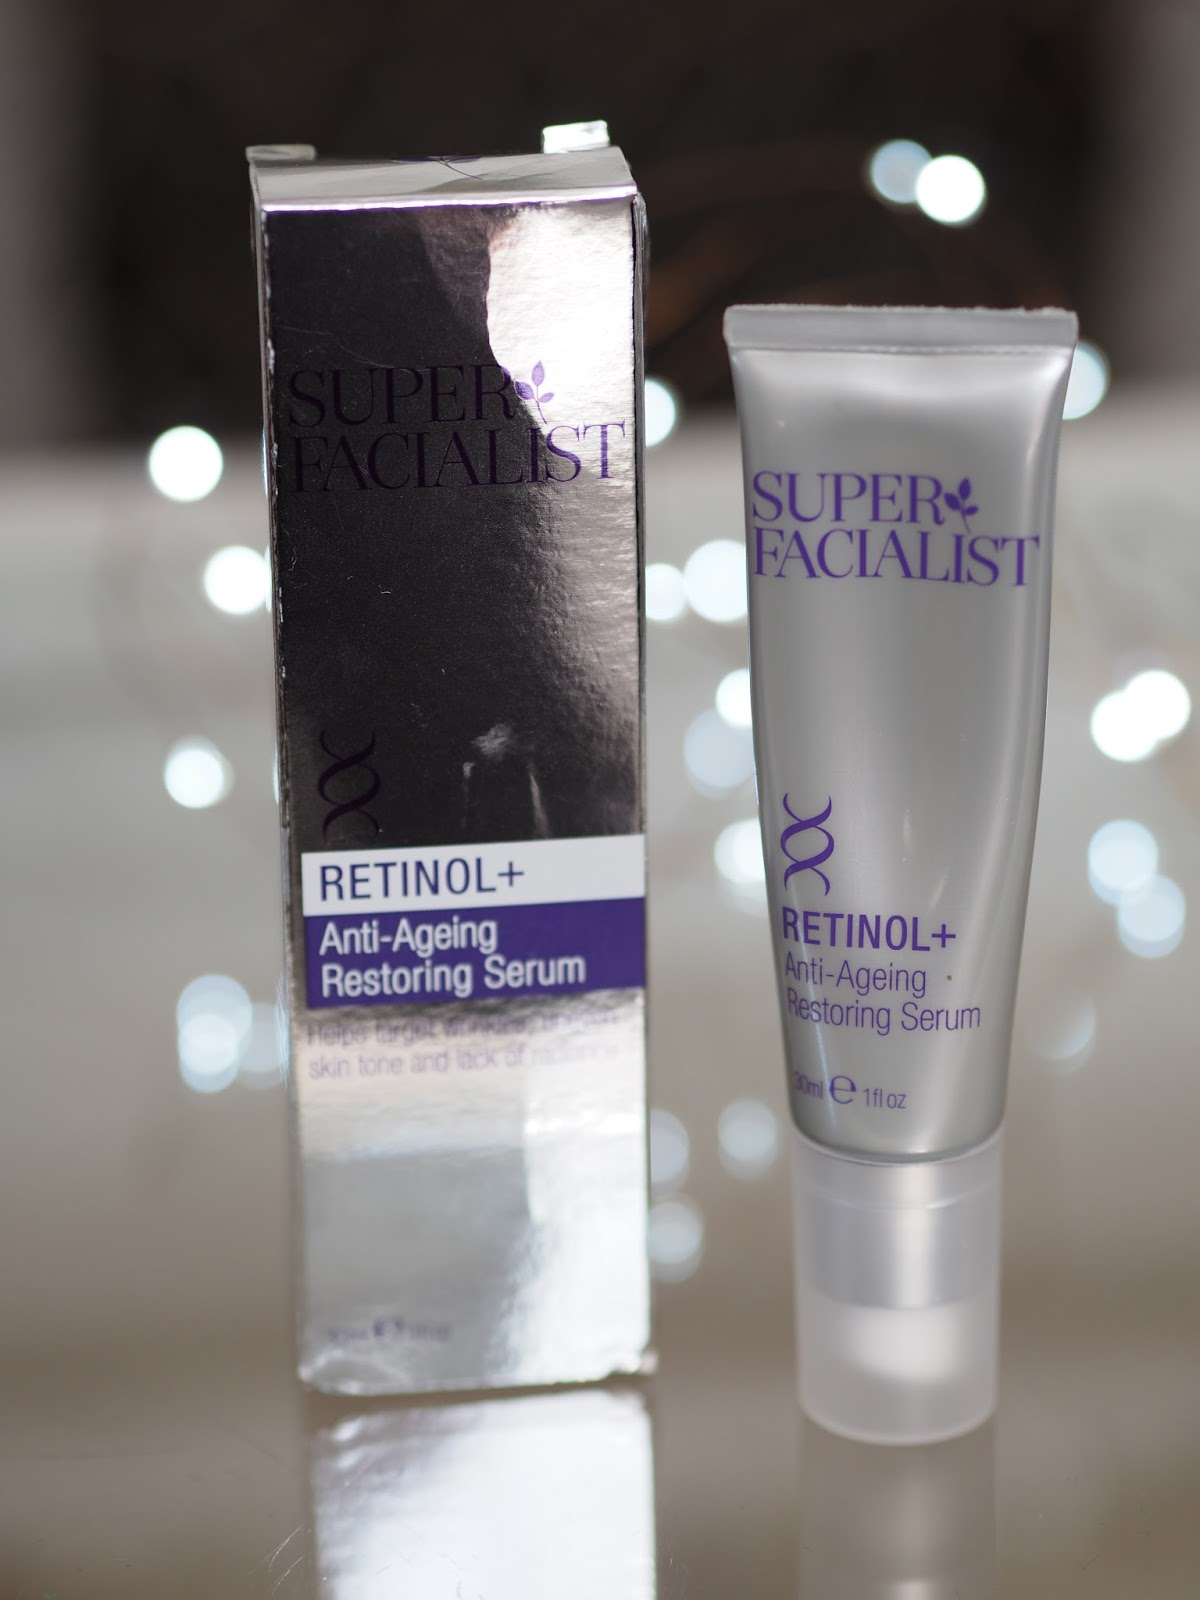 Superfacialist retinol serum